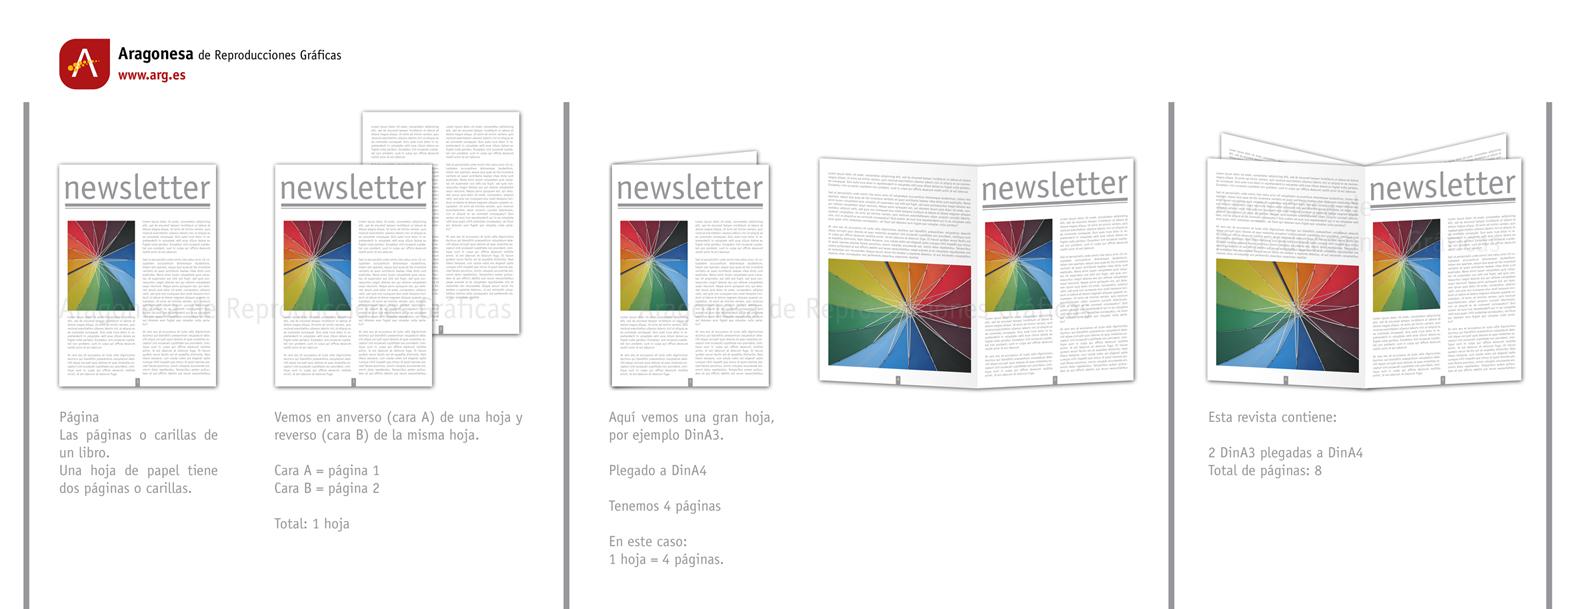 Hojas, carillas, páginas… | El Mejor Blog de Impresión Digital